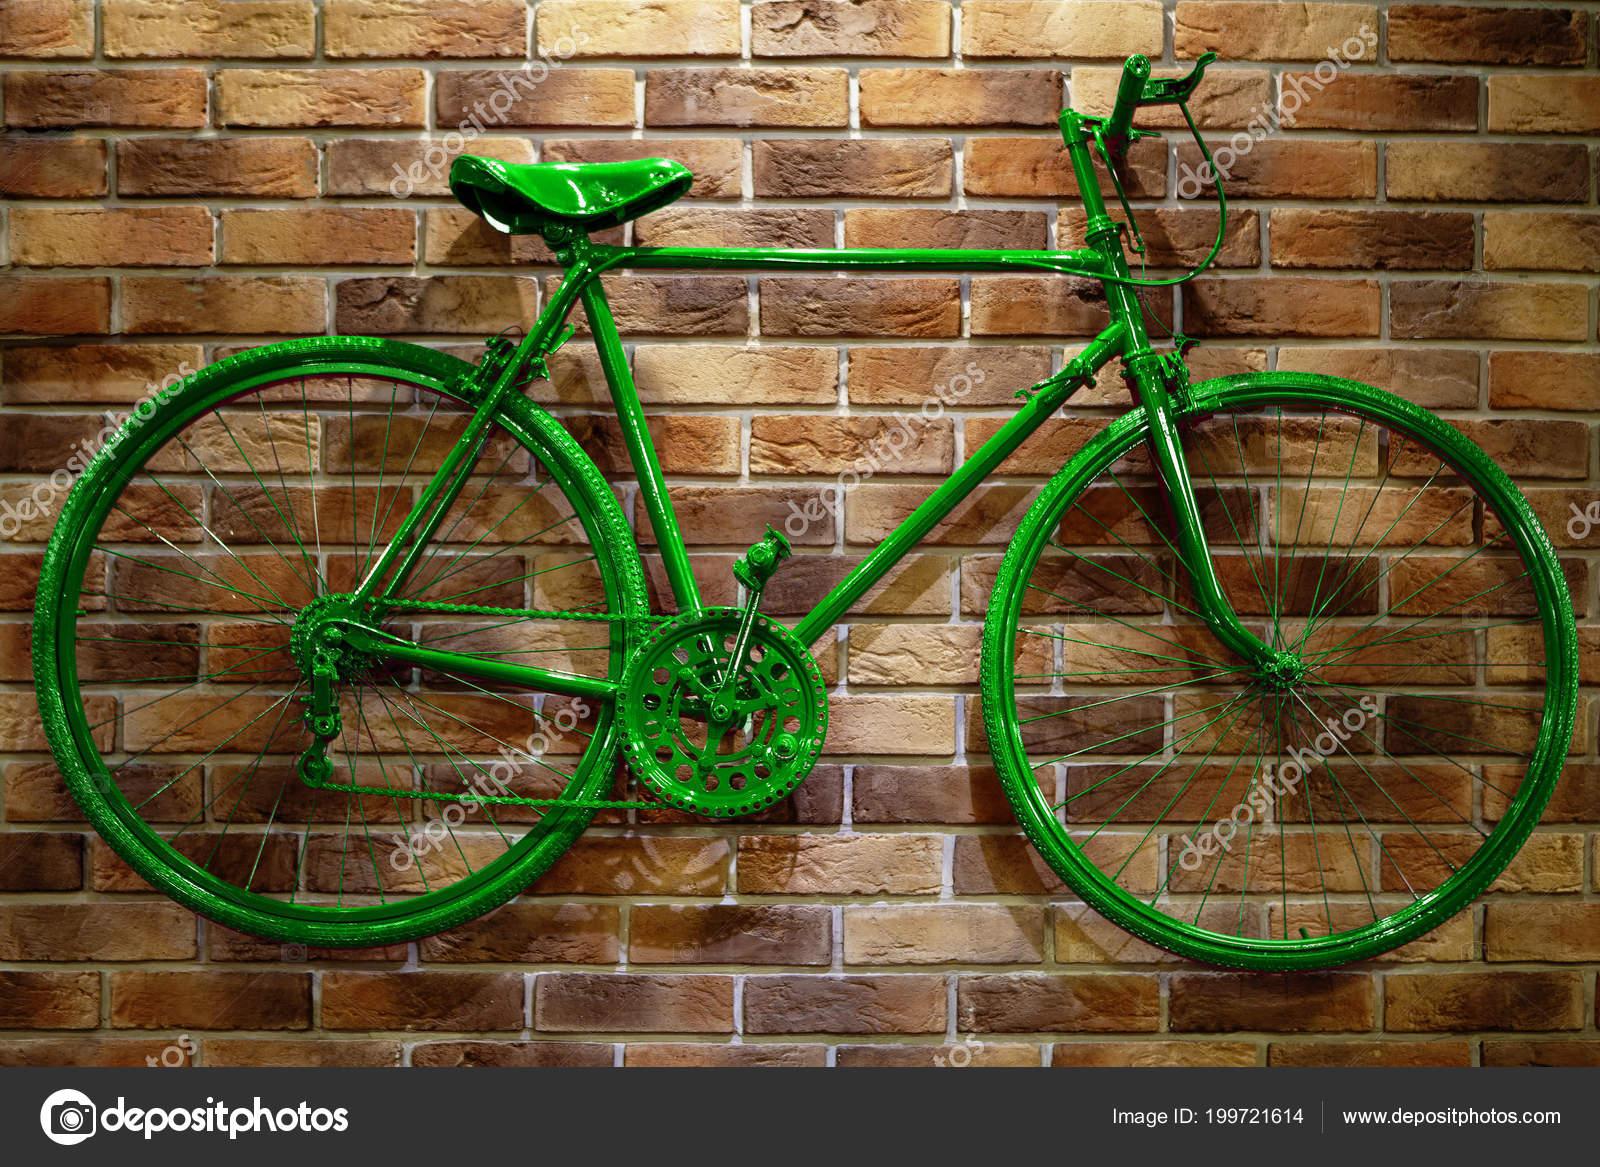 πλαίσιο ποδηλάτου χρονολόγησηαποκλειστικές κριτικές για το προξενιό